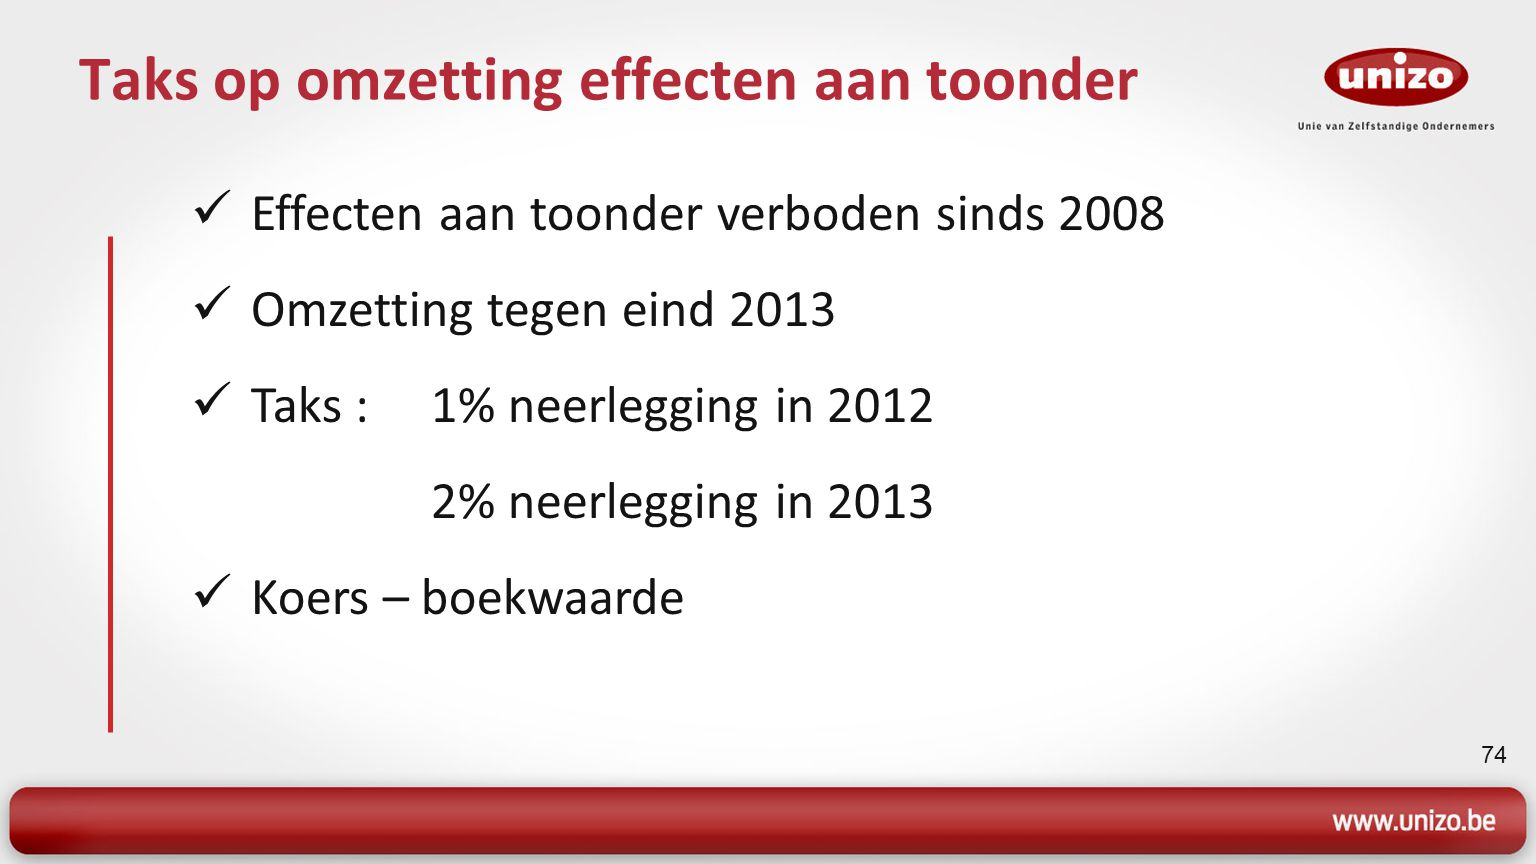 74 Taks op omzetting effecten aan toonder Effecten aan toonder verboden sinds 2008 Omzetting tegen eind 2013 Taks : 1% neerlegging in 2012 2% neerlegging in 2013 Koers – boekwaarde